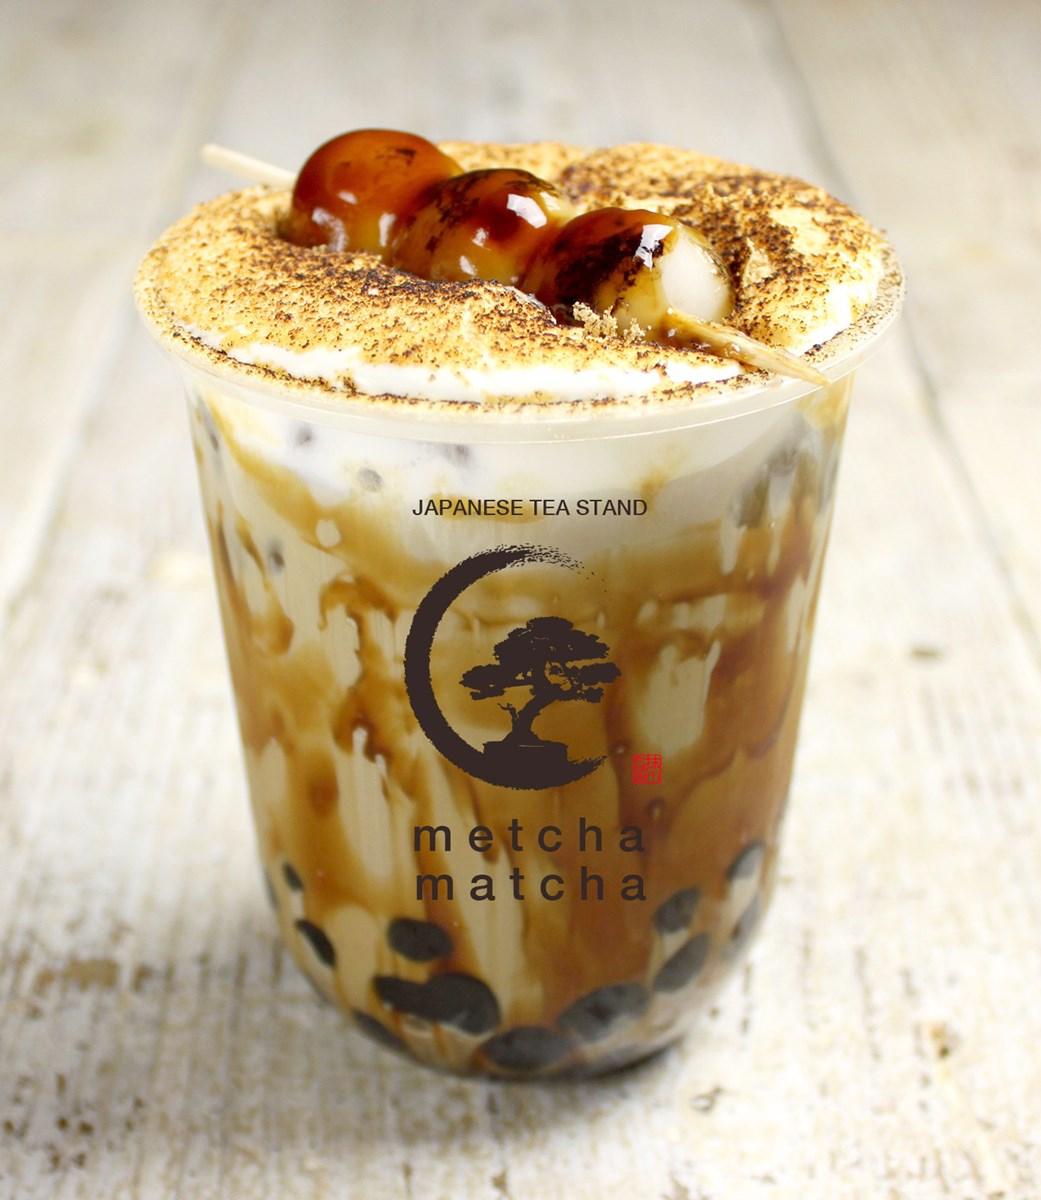 【淀屋橋】日本の伝統素材をトッピング!日本茶スタンド『metcha matcha(メッチャマッチャ) 淀屋橋』、10/11(金)オープン